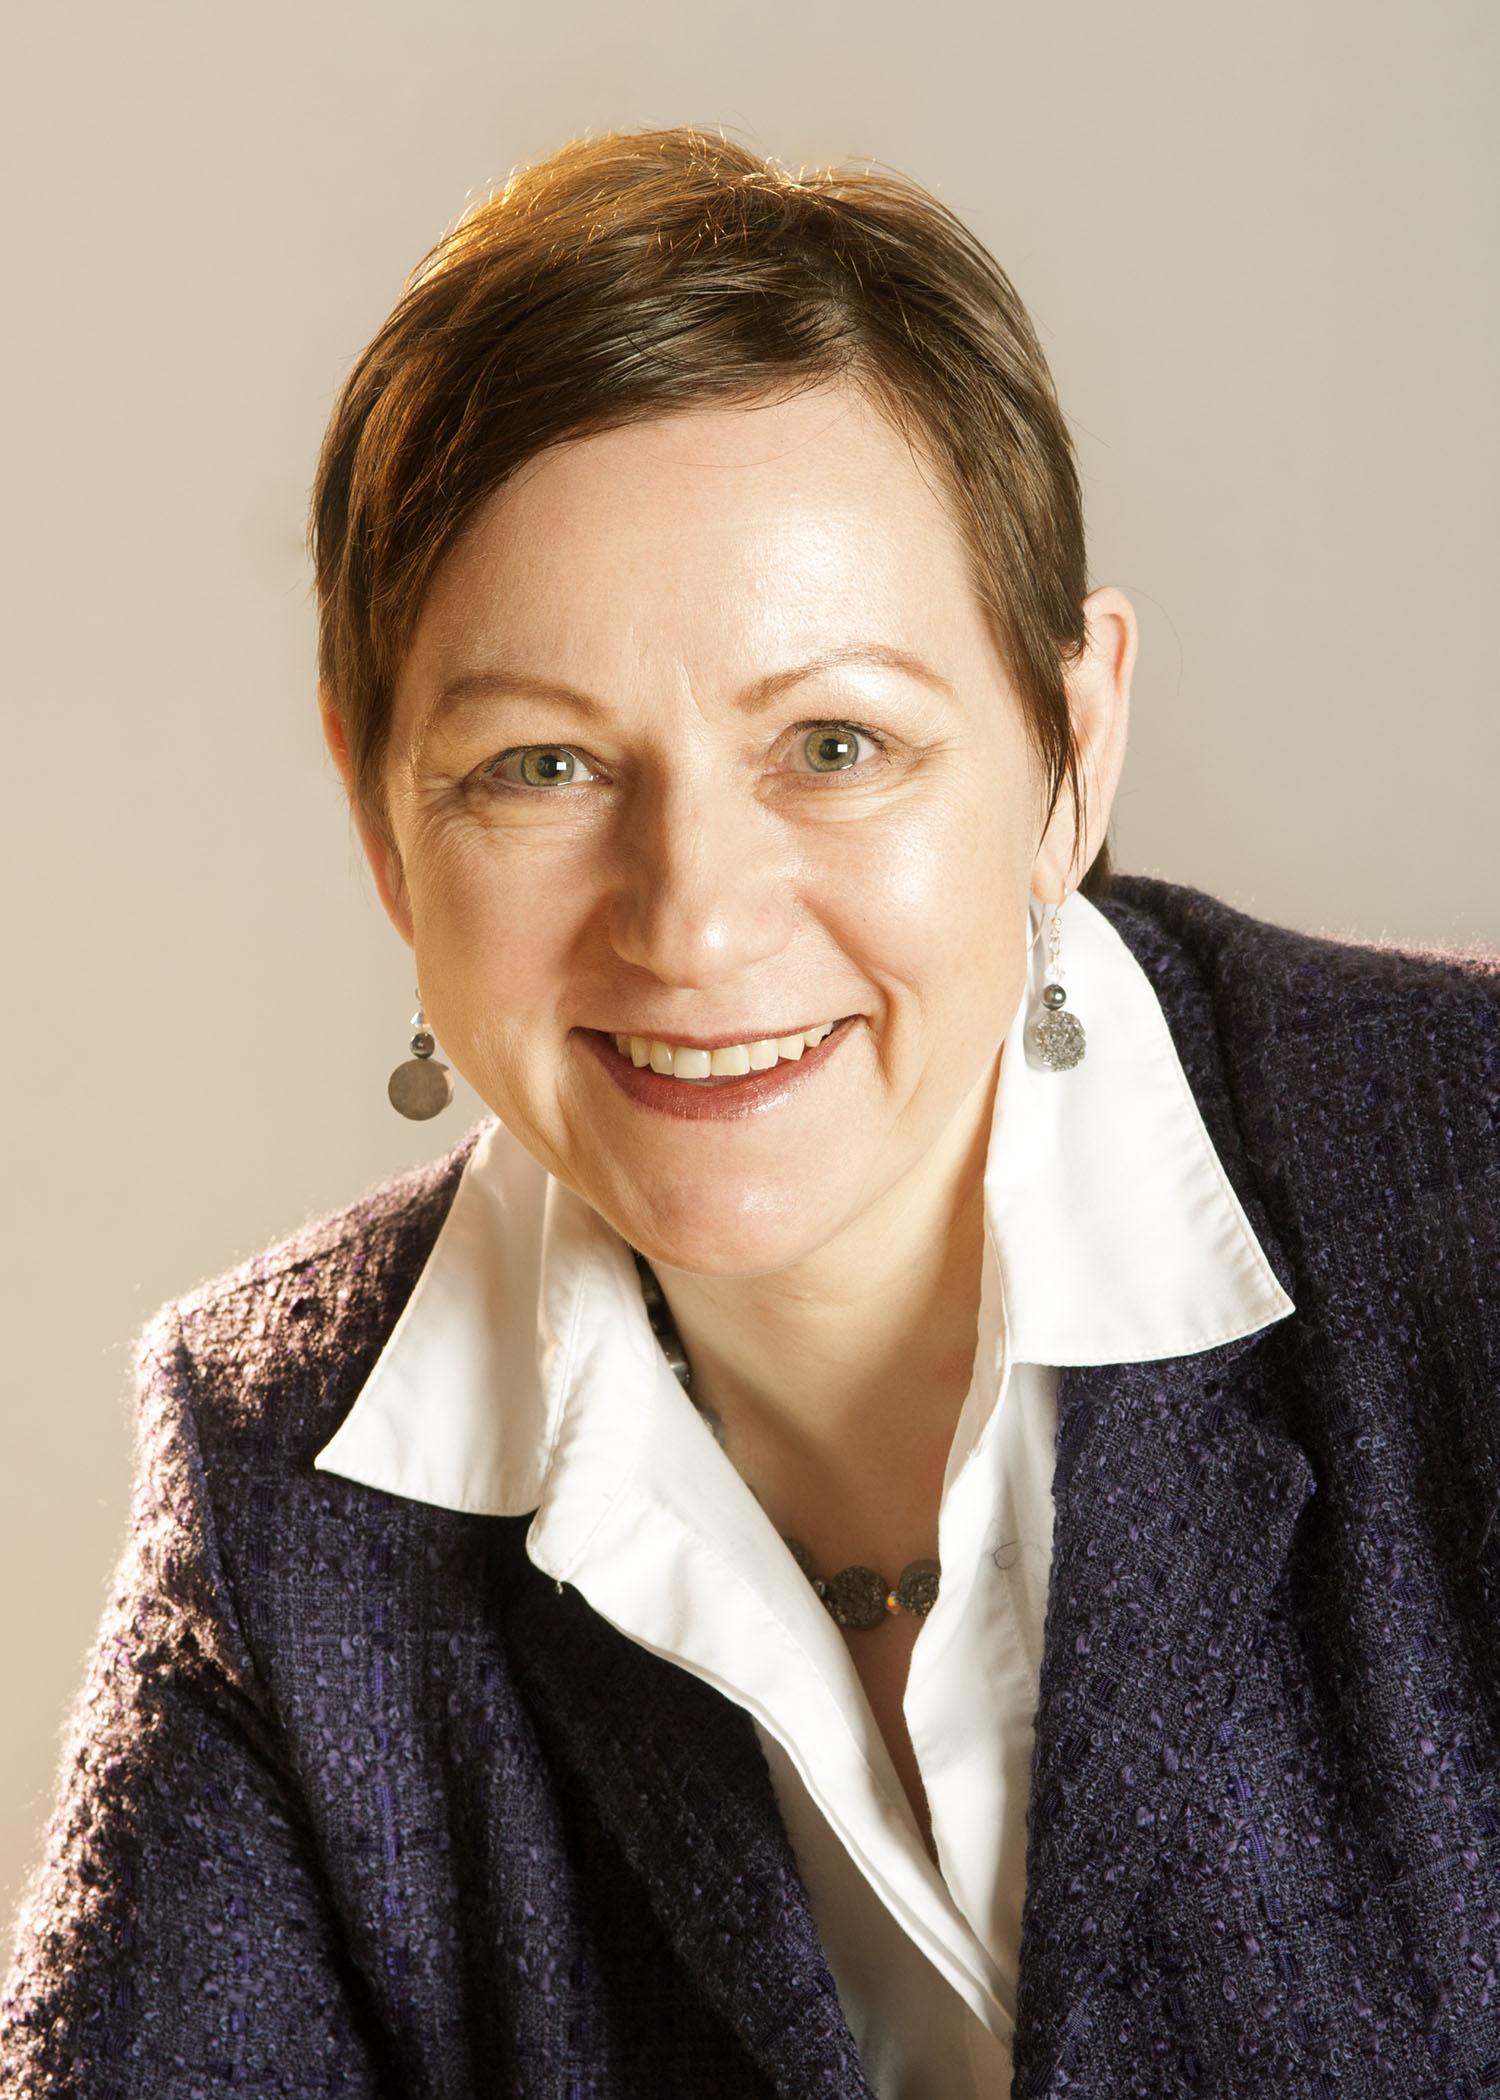 Evelyn Crellin